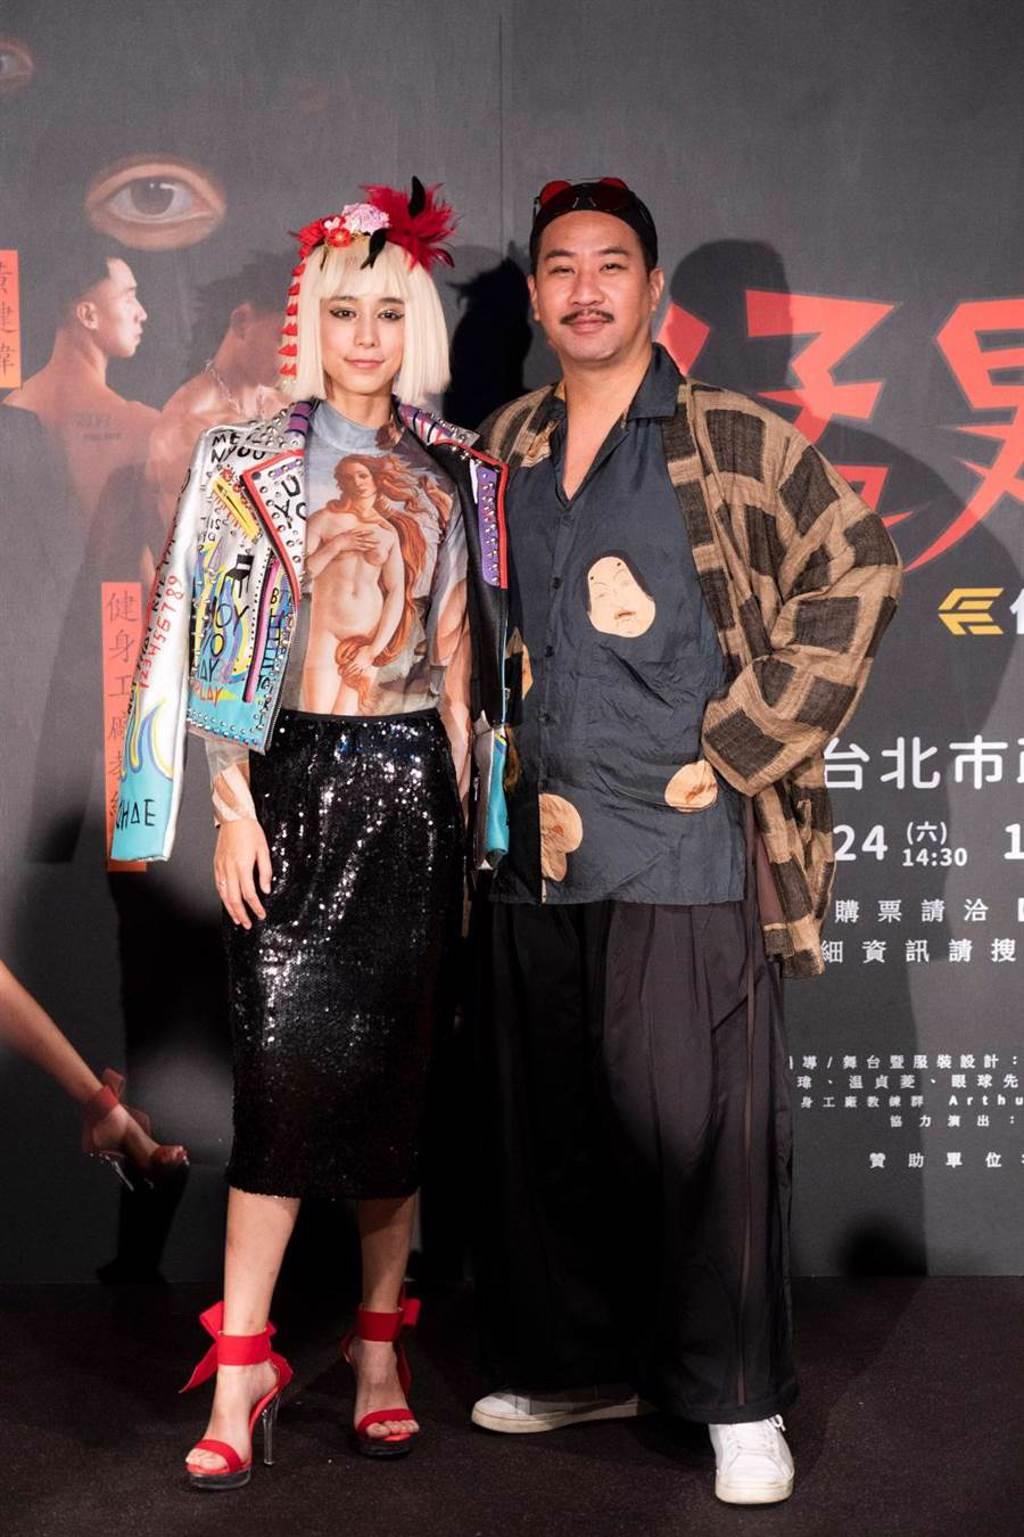 黃健瑋、温貞菱主演舞台劇《猛男地獄》。(眼球愛地球劇團提供)